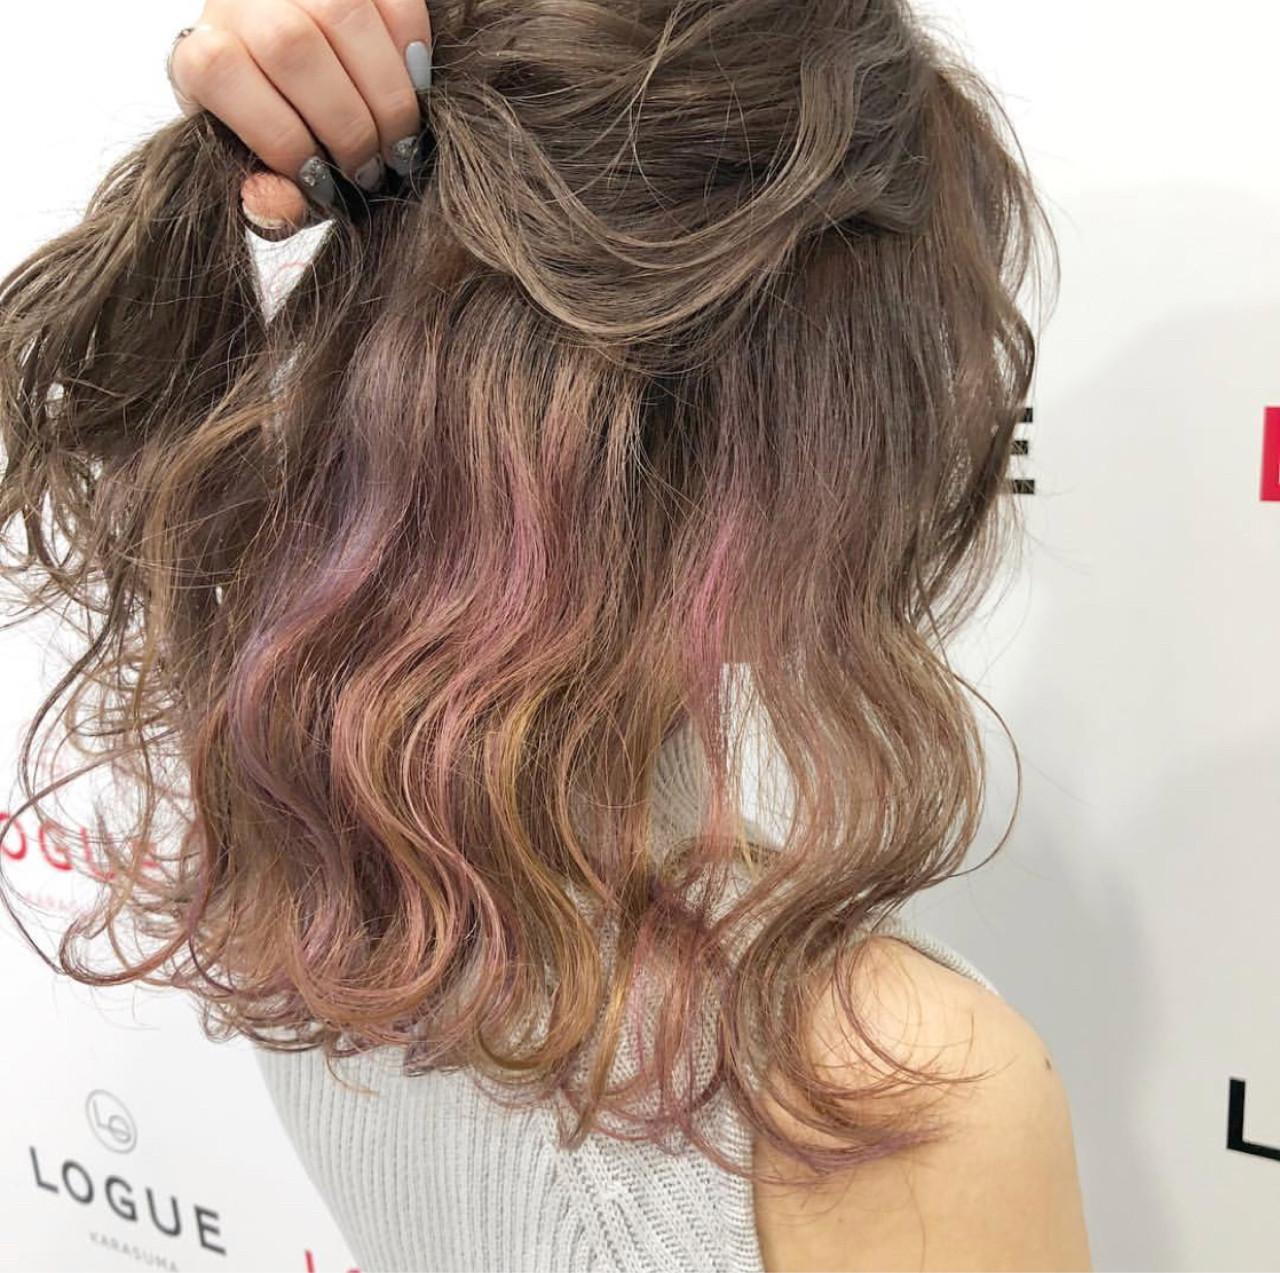 ミディアム グラデーションカラー ダブルカラー 外国人風カラー ヘアスタイルや髪型の写真・画像 | AKANE / LOGUE